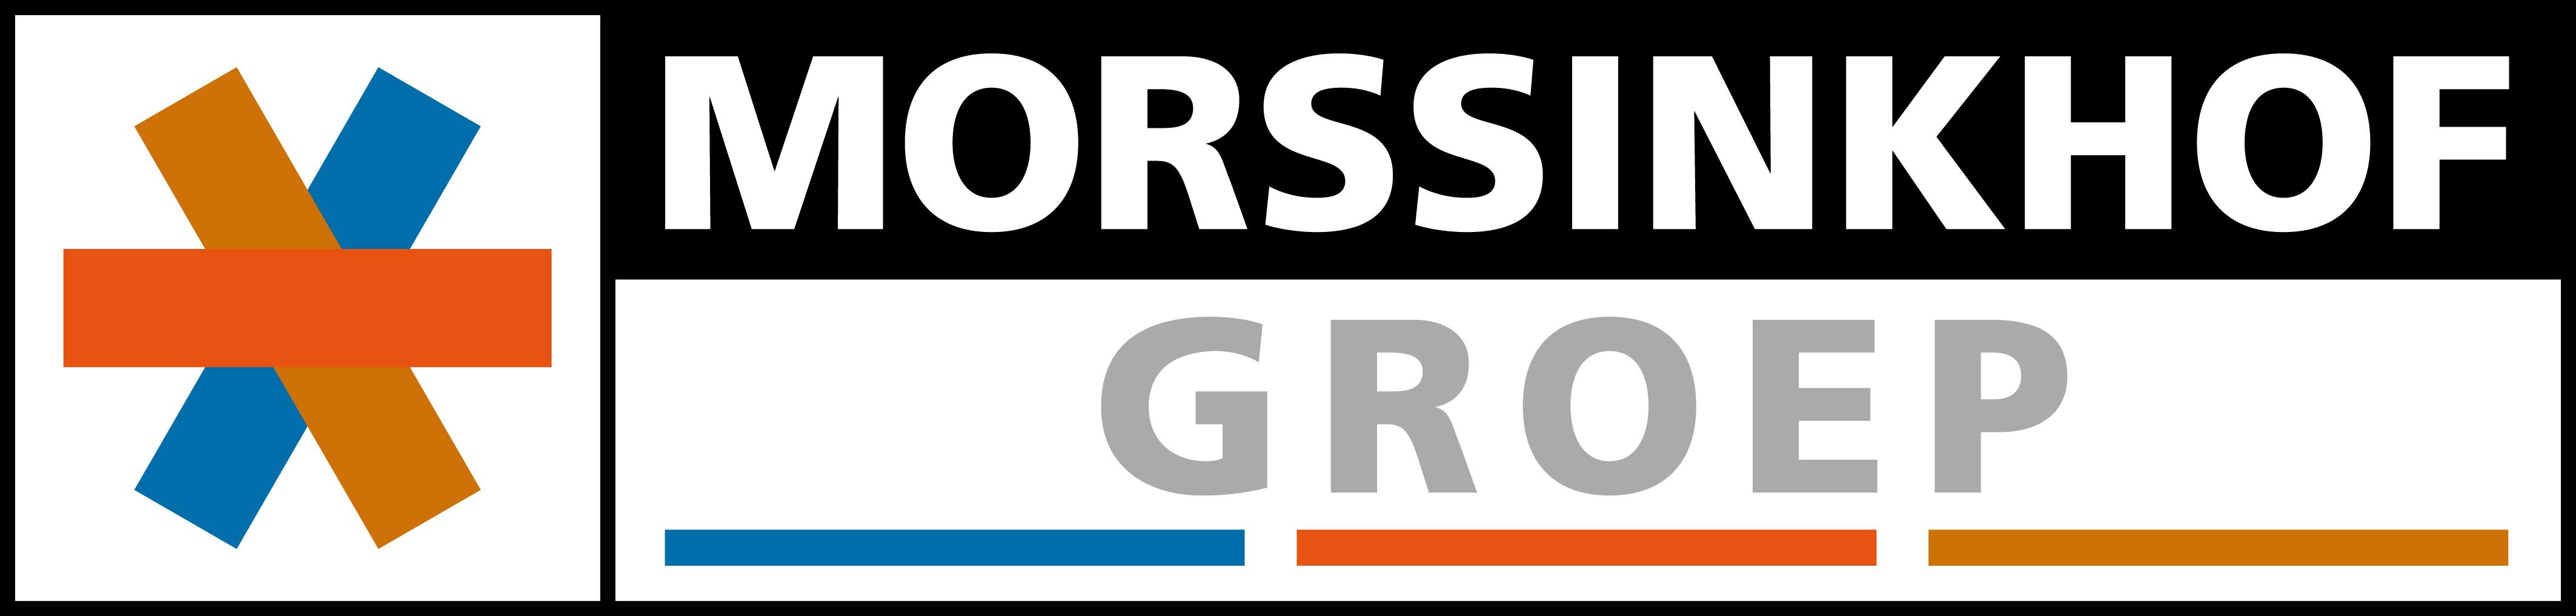 Morssinkhof Groep logo